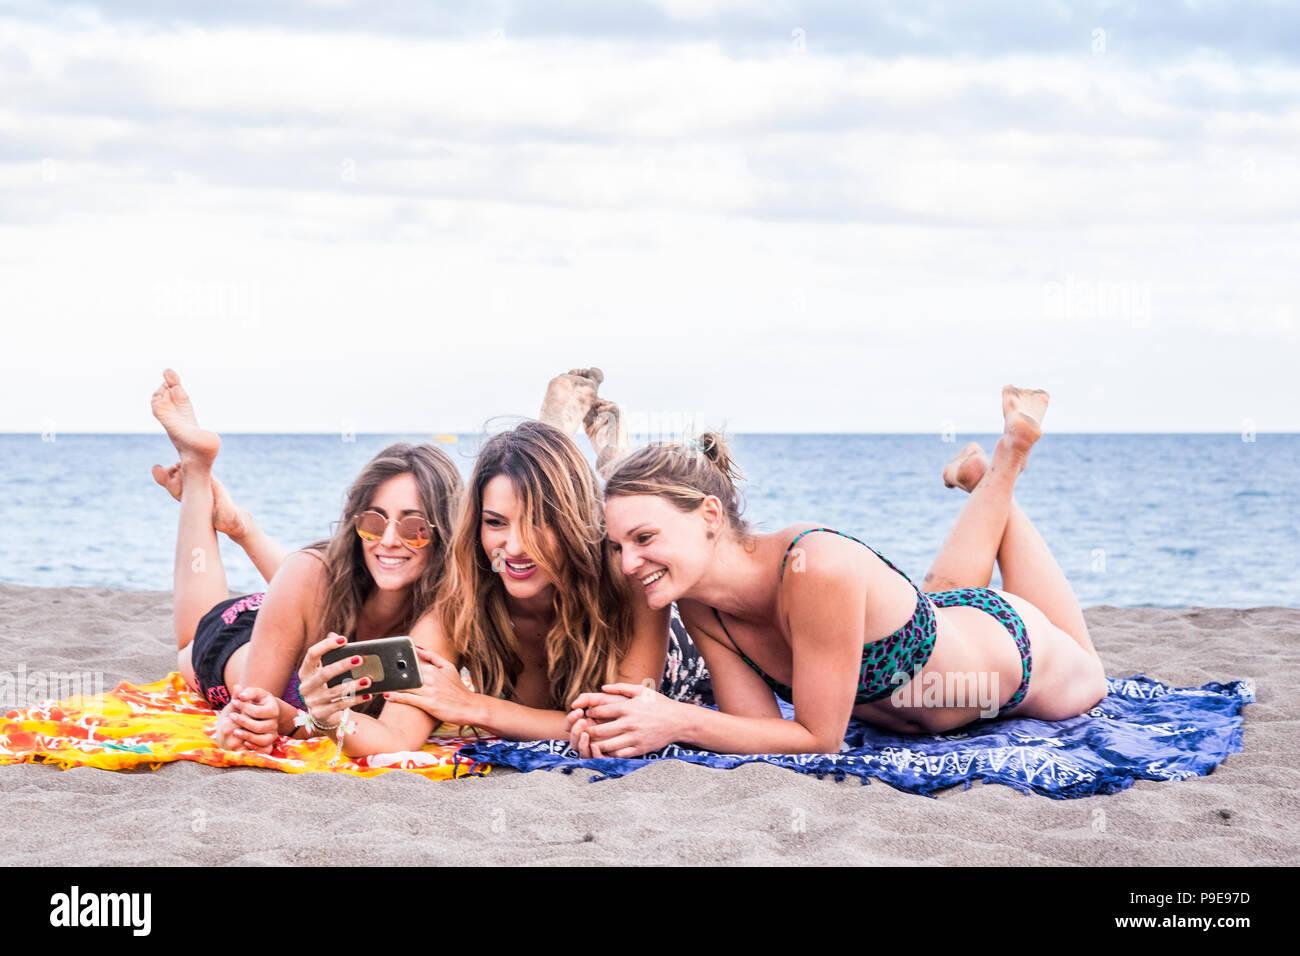 Grupo de tres chicas guapas amistad estancia sentar relajado en la playa hablando y utilizando un smartphone para compartir su vida con verano fri Imagen De Stock